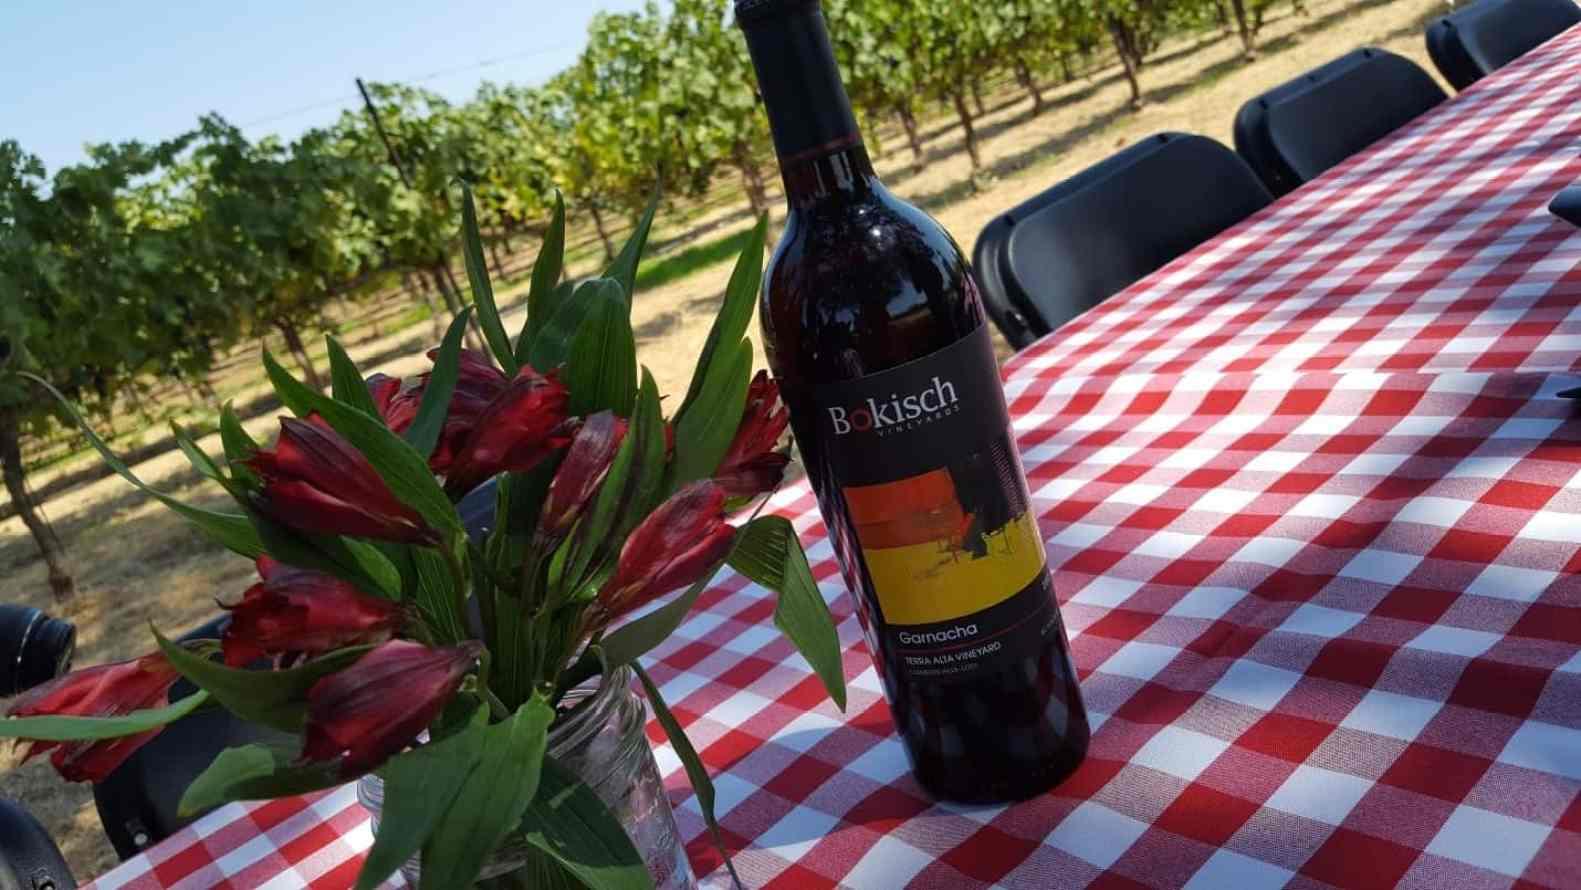 logi winery bokisch